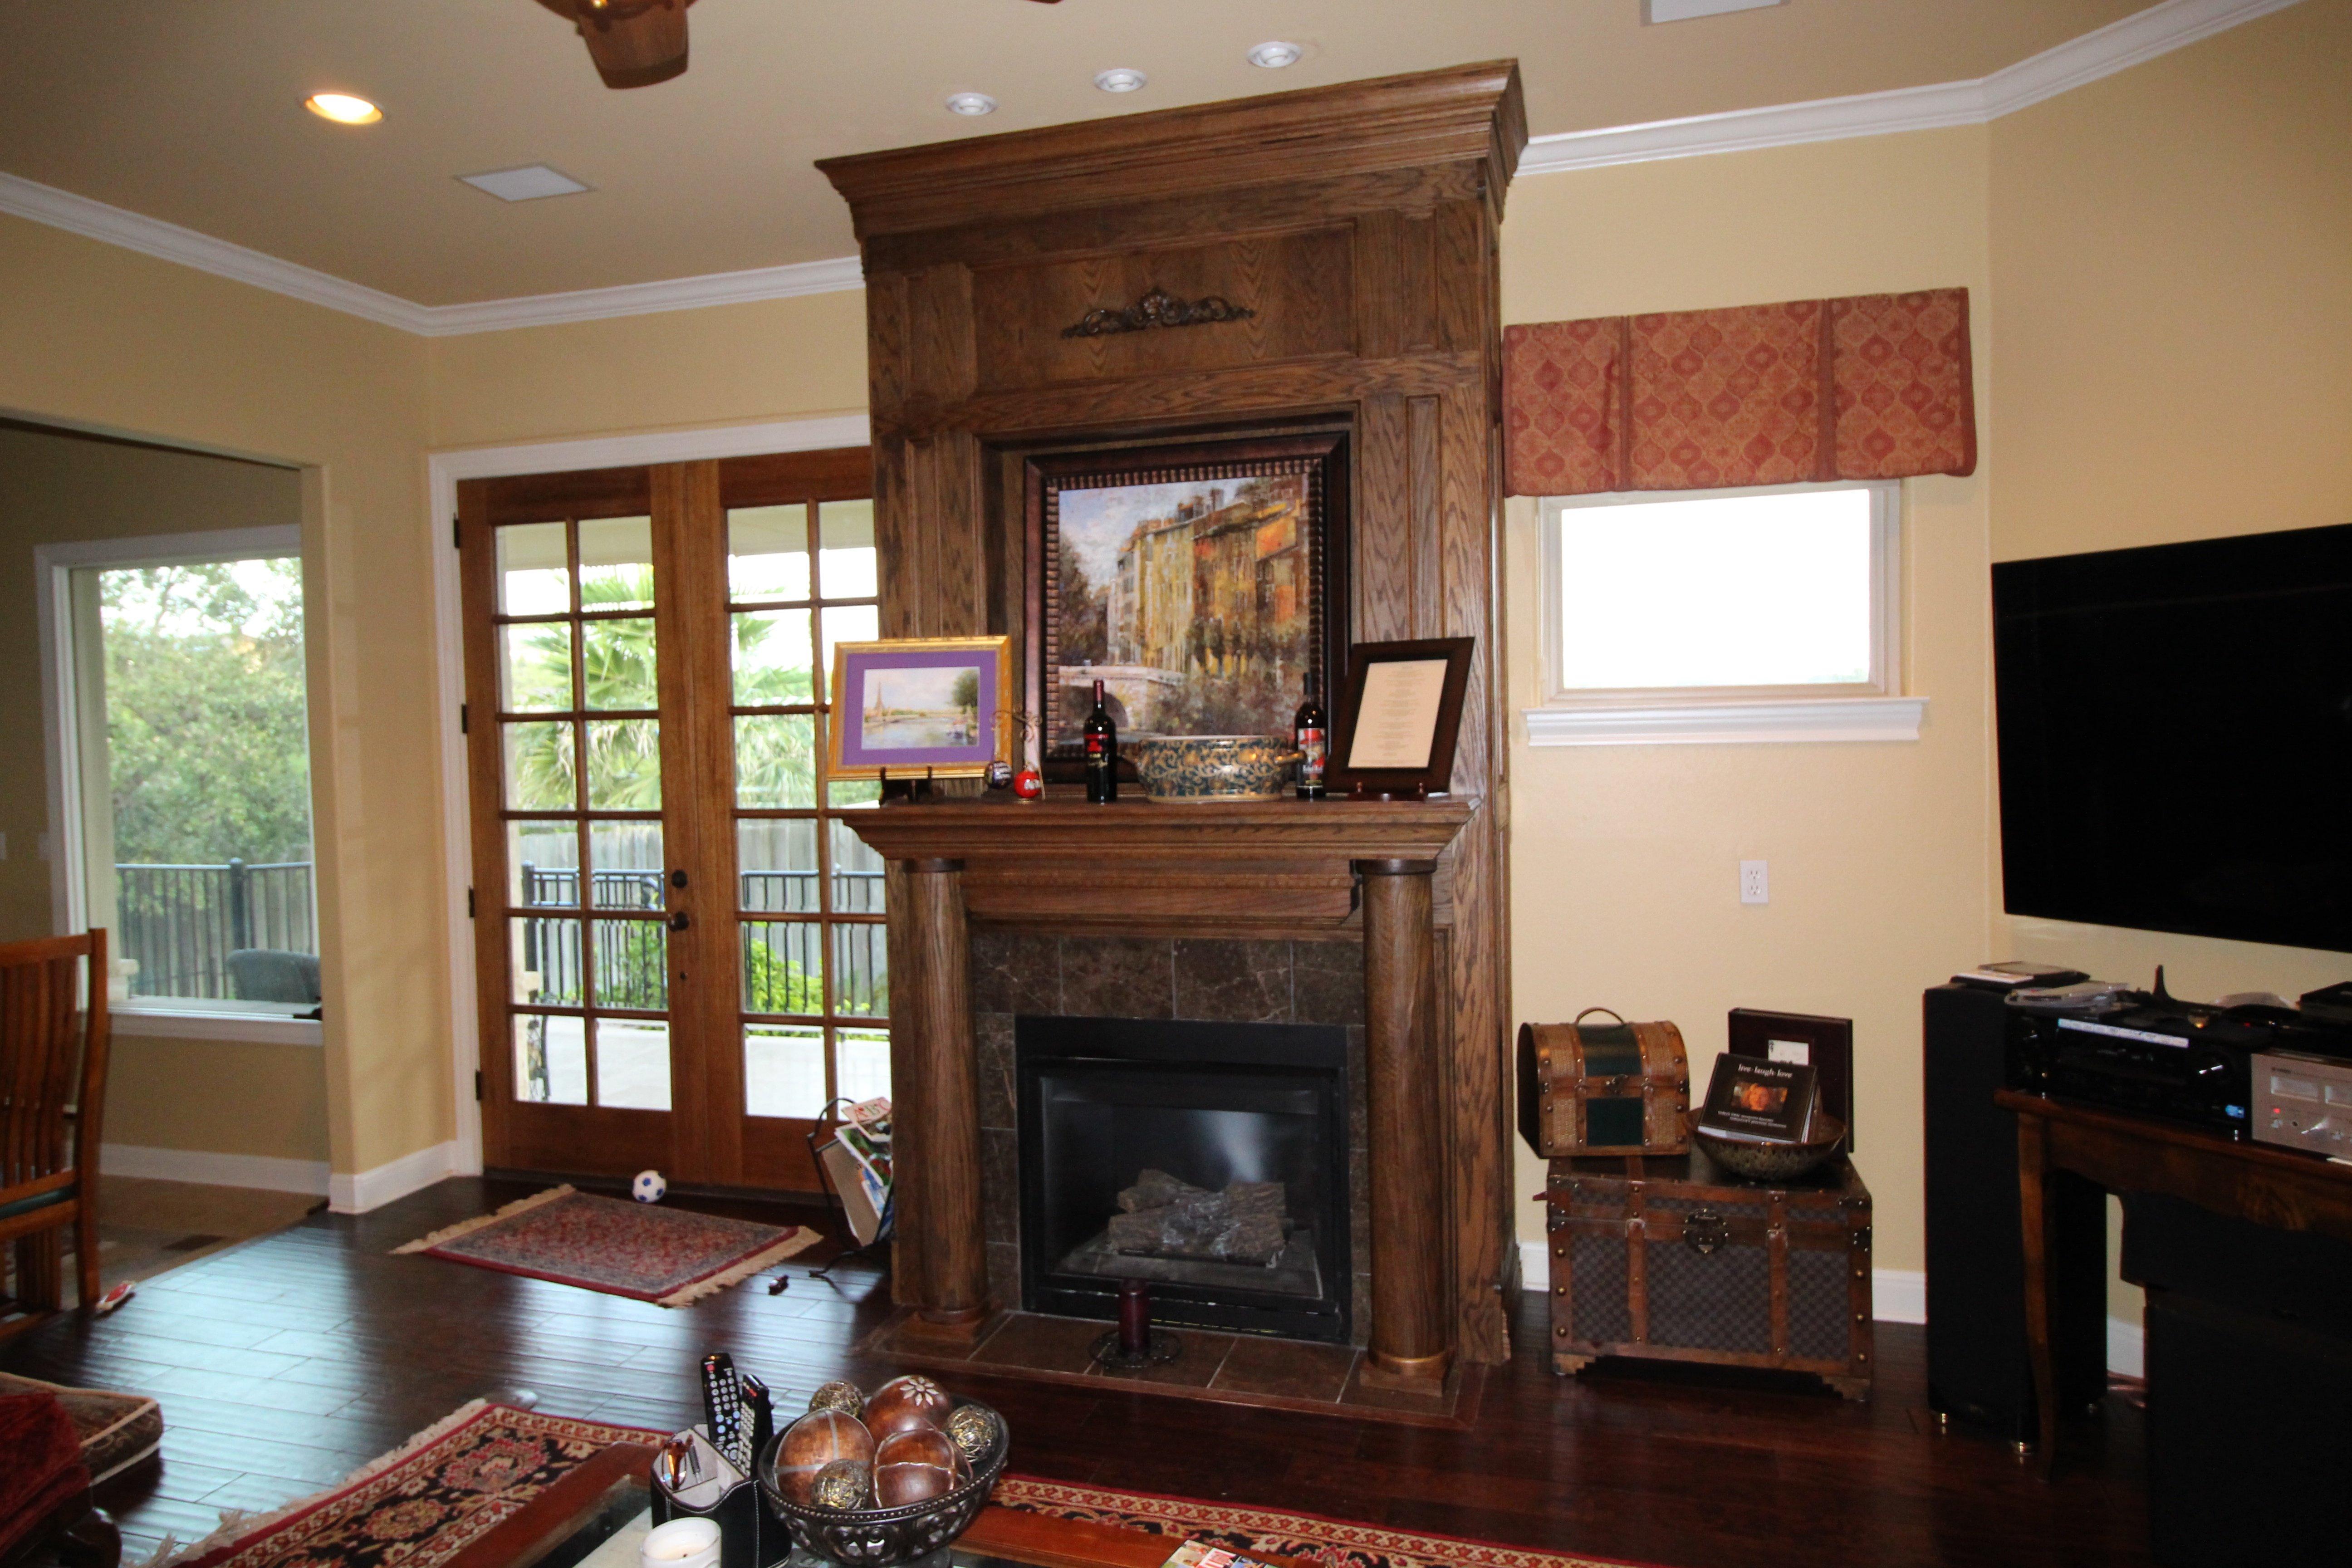 https://0201.nccdn.net/1_2/000/000/16a/03b/Fireplace-5184x3456.jpg